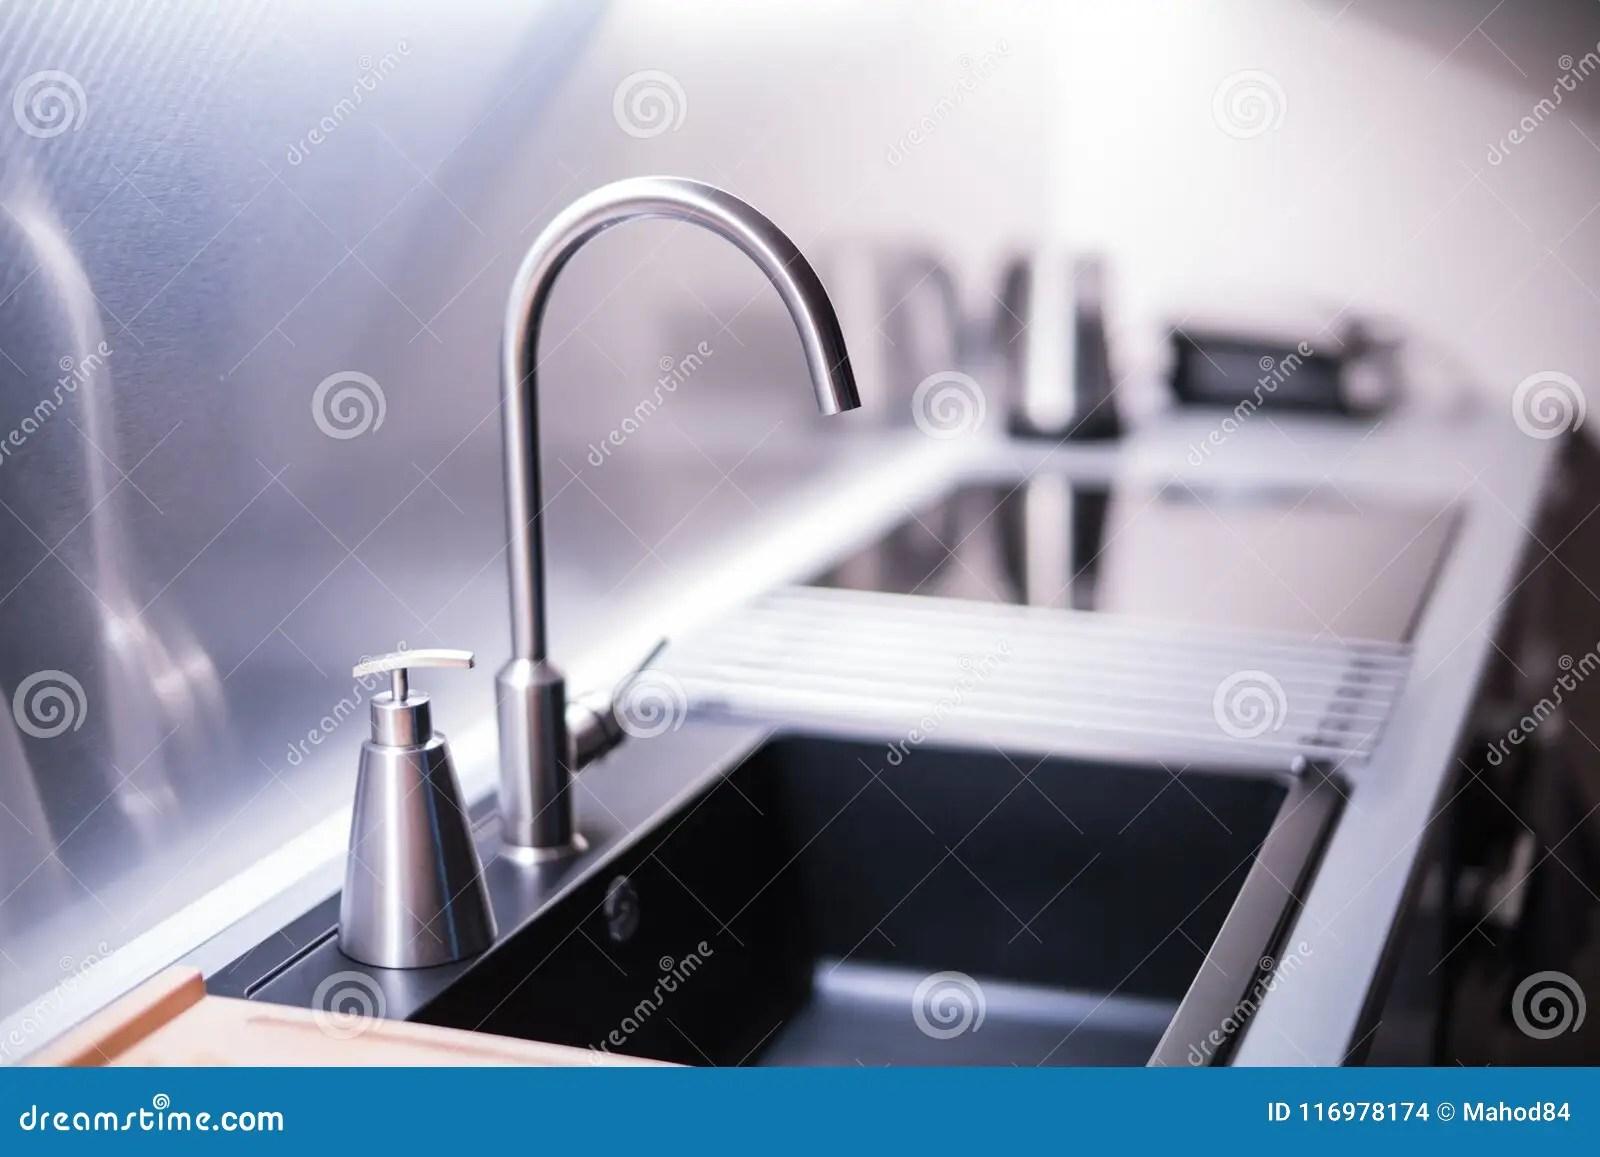 new kitchen sink aids for disabled 黑石水槽和水龙头在新的现代厨房内部库存照片 图片包括有bastien 厨房 黑石水槽和水龙头在新的现代厨房内部